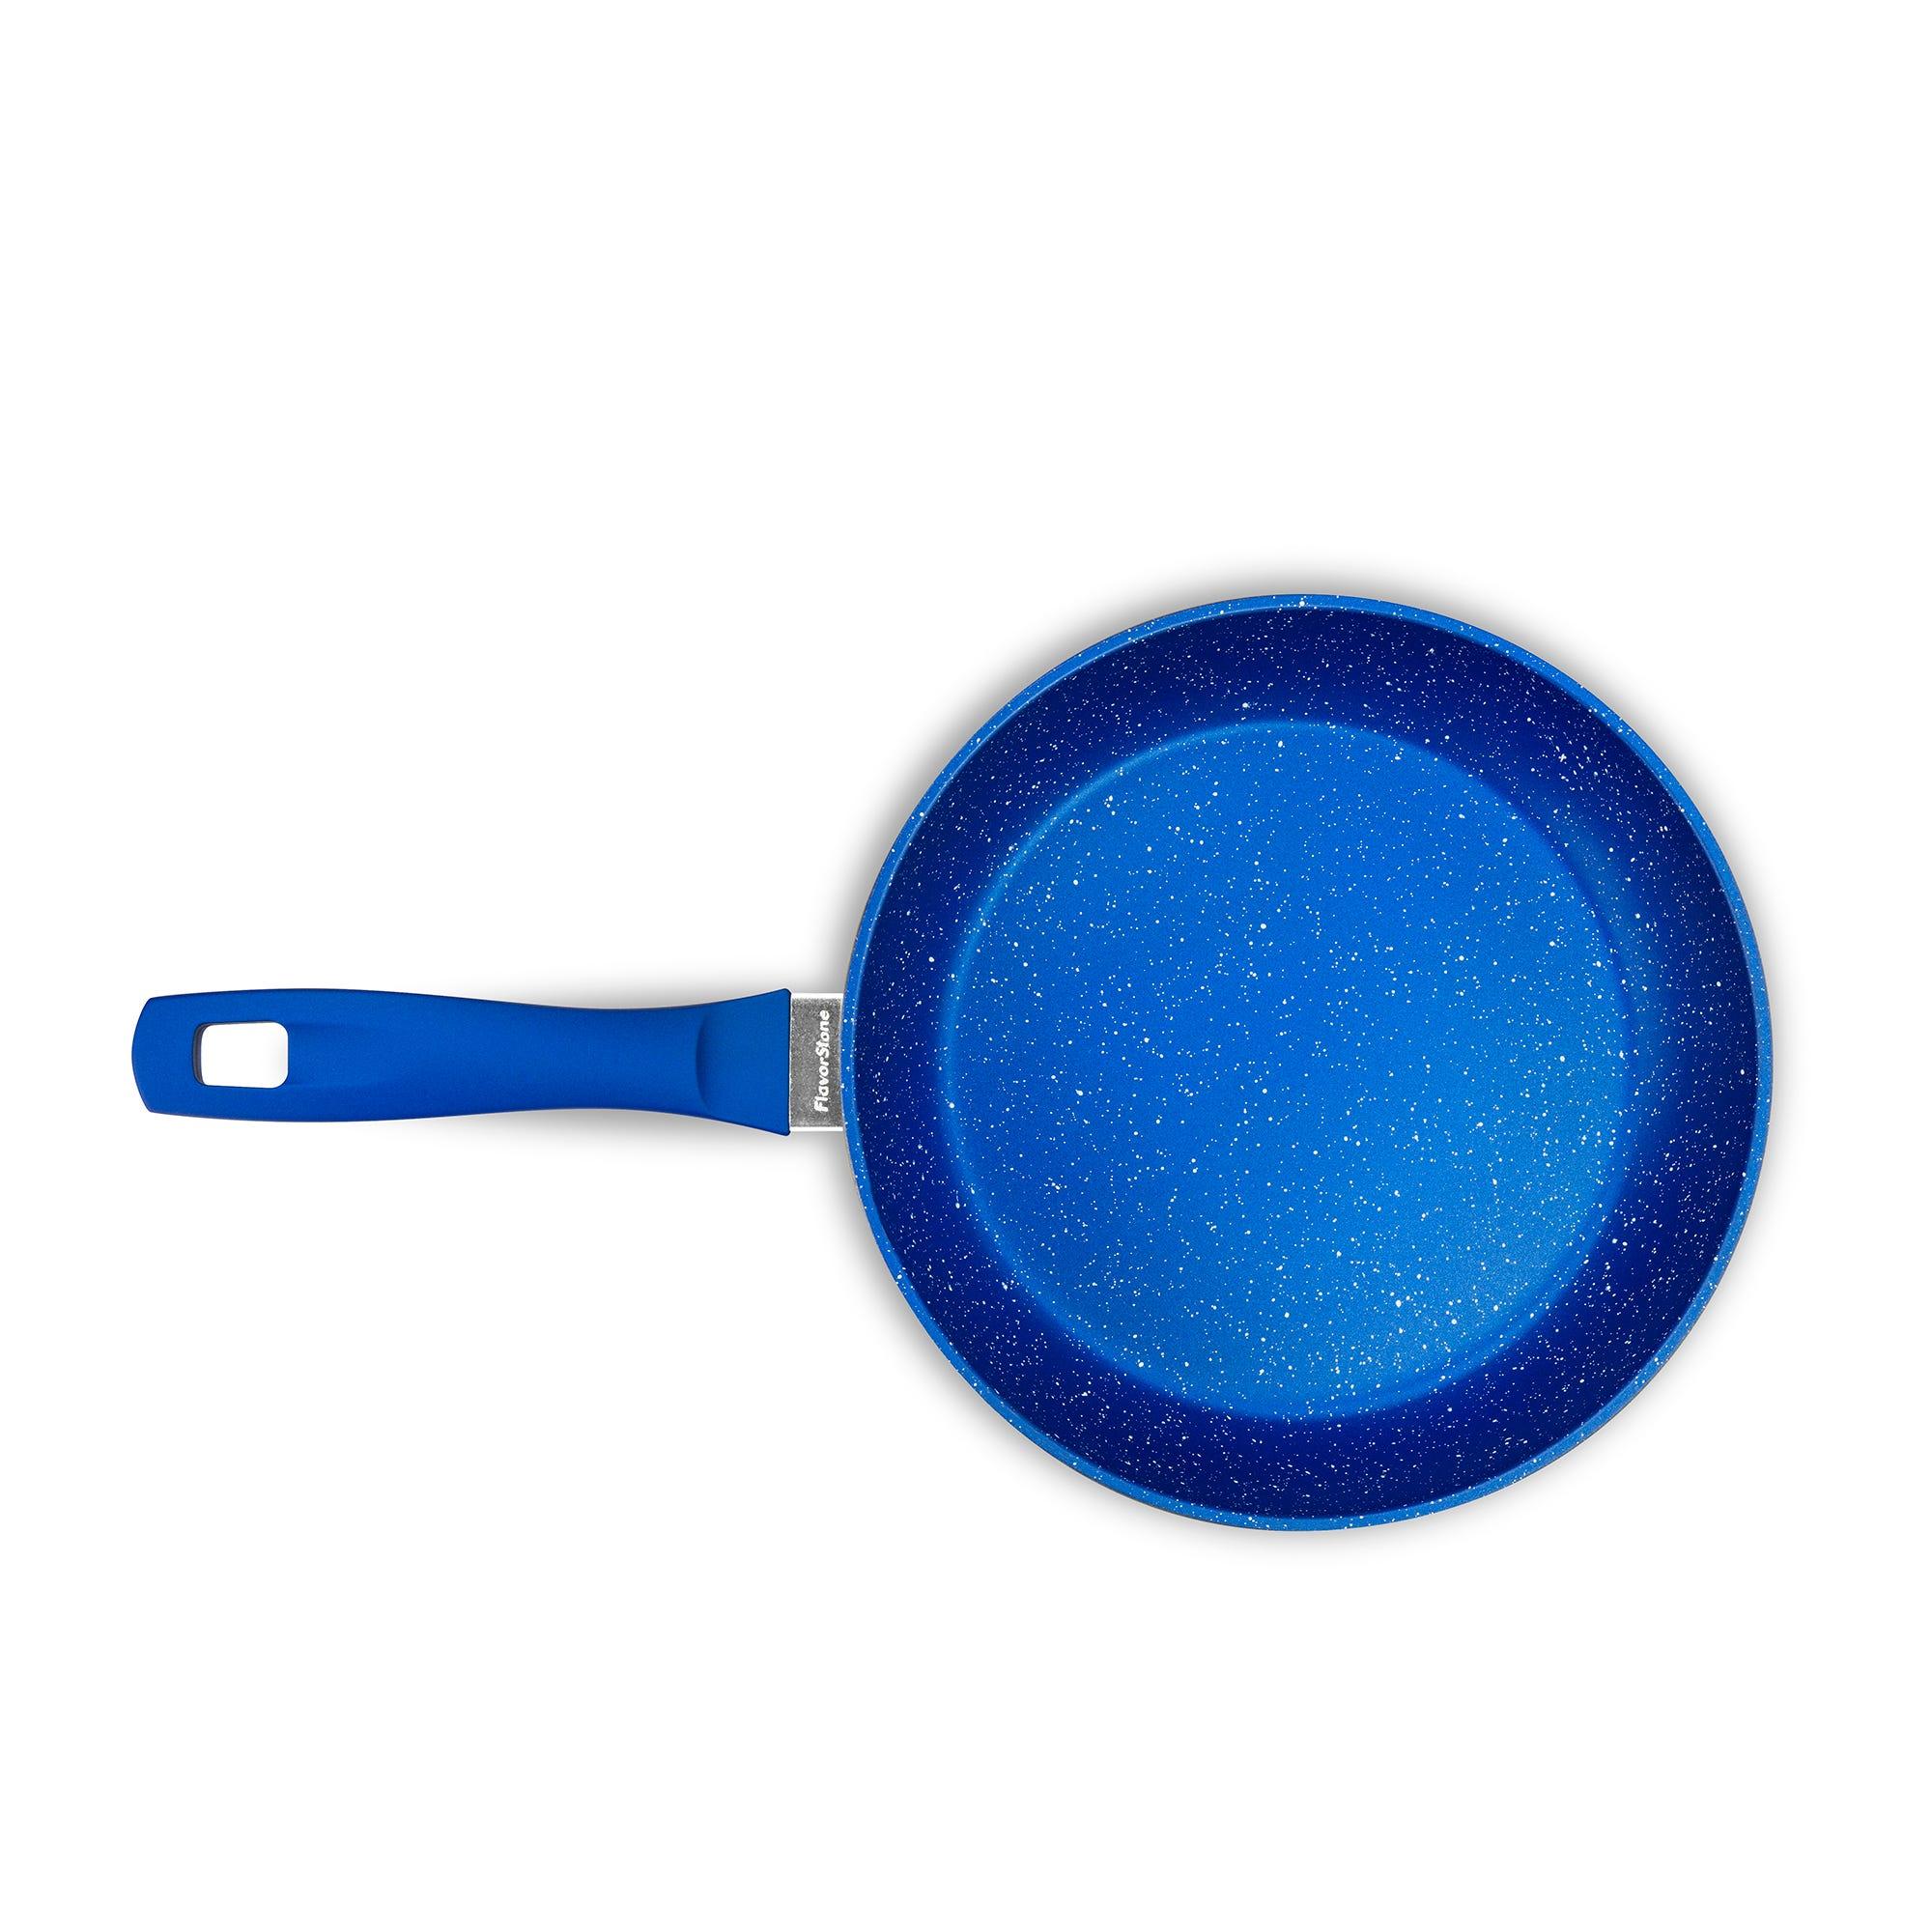 Sartén para saltear Flavor Stone de 20 cm en azul